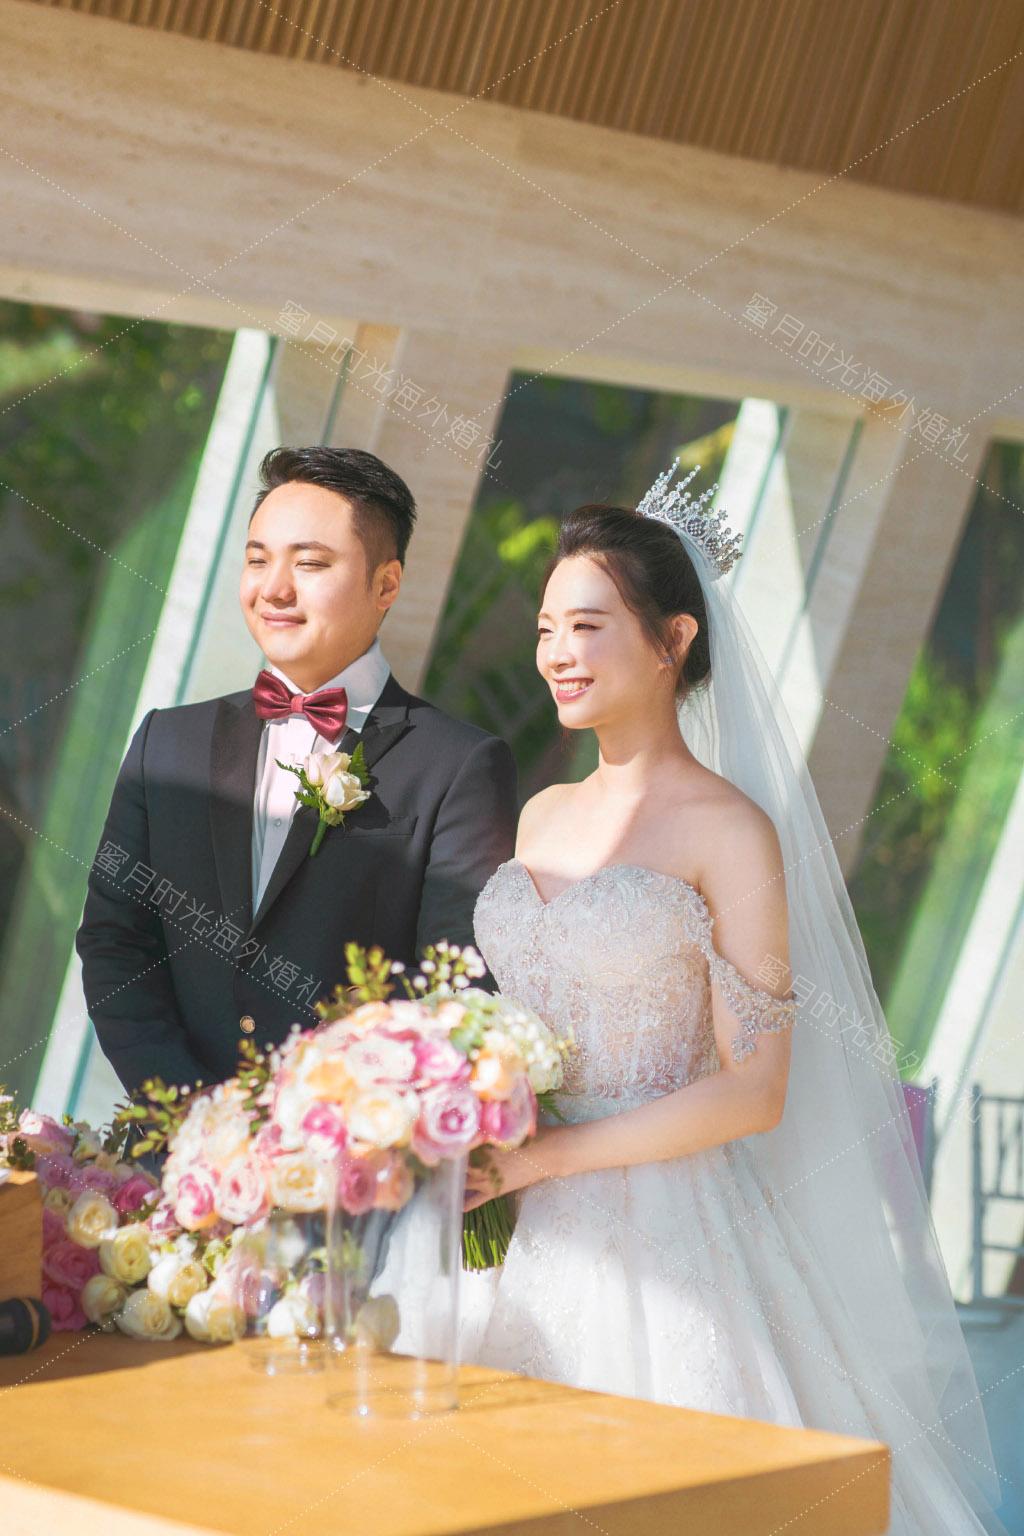 港丽无限教堂婚礼+升级布置|清晨的太阳_照射在洋溢了幸福的脸上_喜欢这样的的阳光_虽然有点睁不开眼_哈哈|海外婚礼